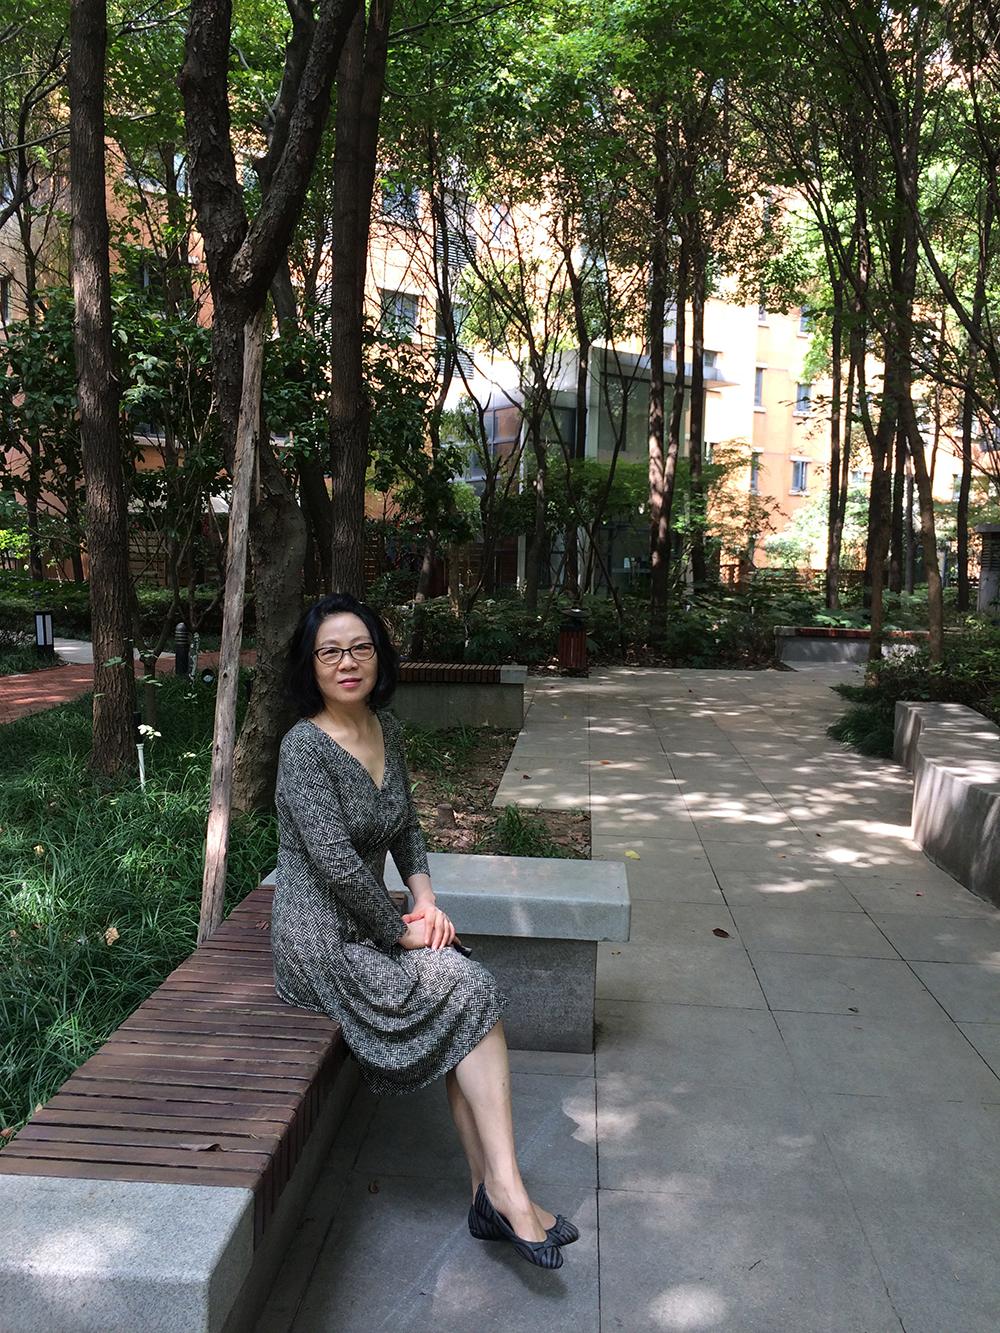 专访|武汉市文联主席池莉:希望浴火重生之后,不再重蹈覆辙